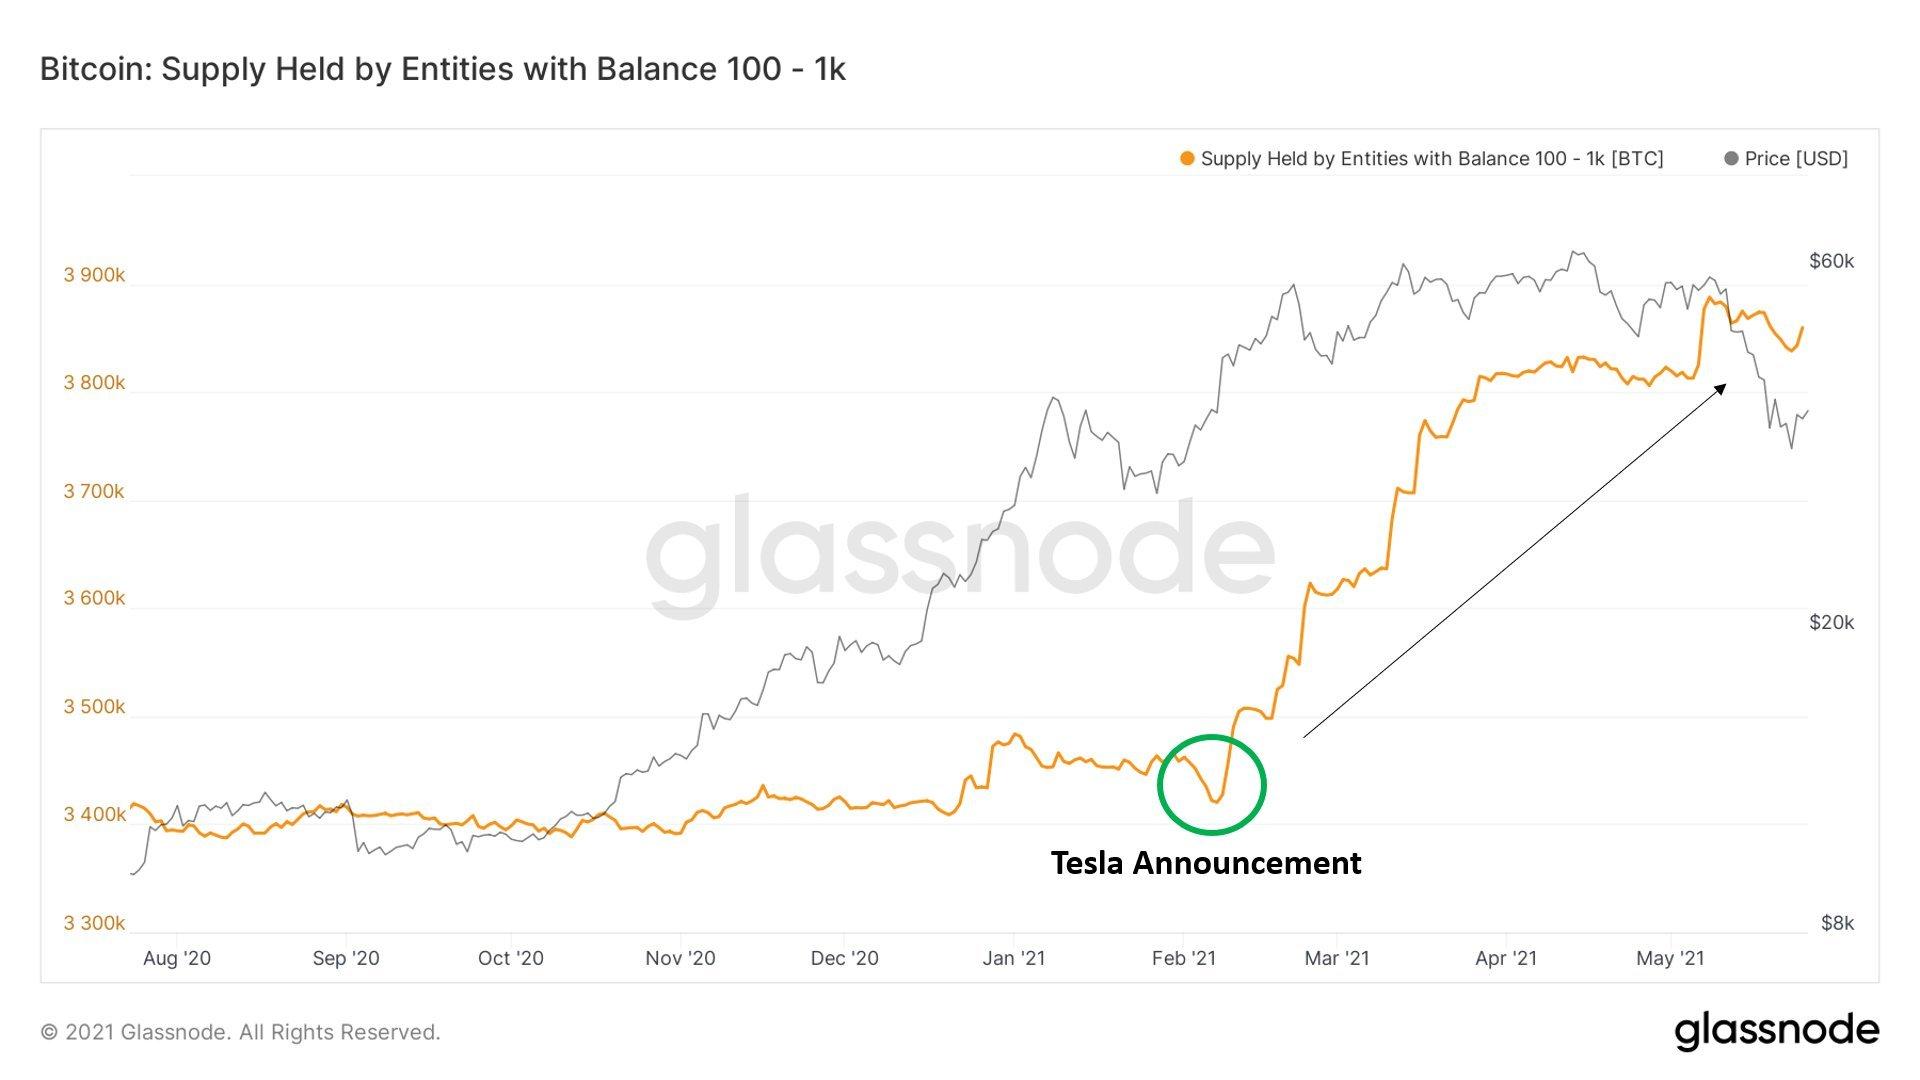 Bitcoin quay đầu giảm giá, thợ đào vẫn kiên quyết bám 'trâu cày'